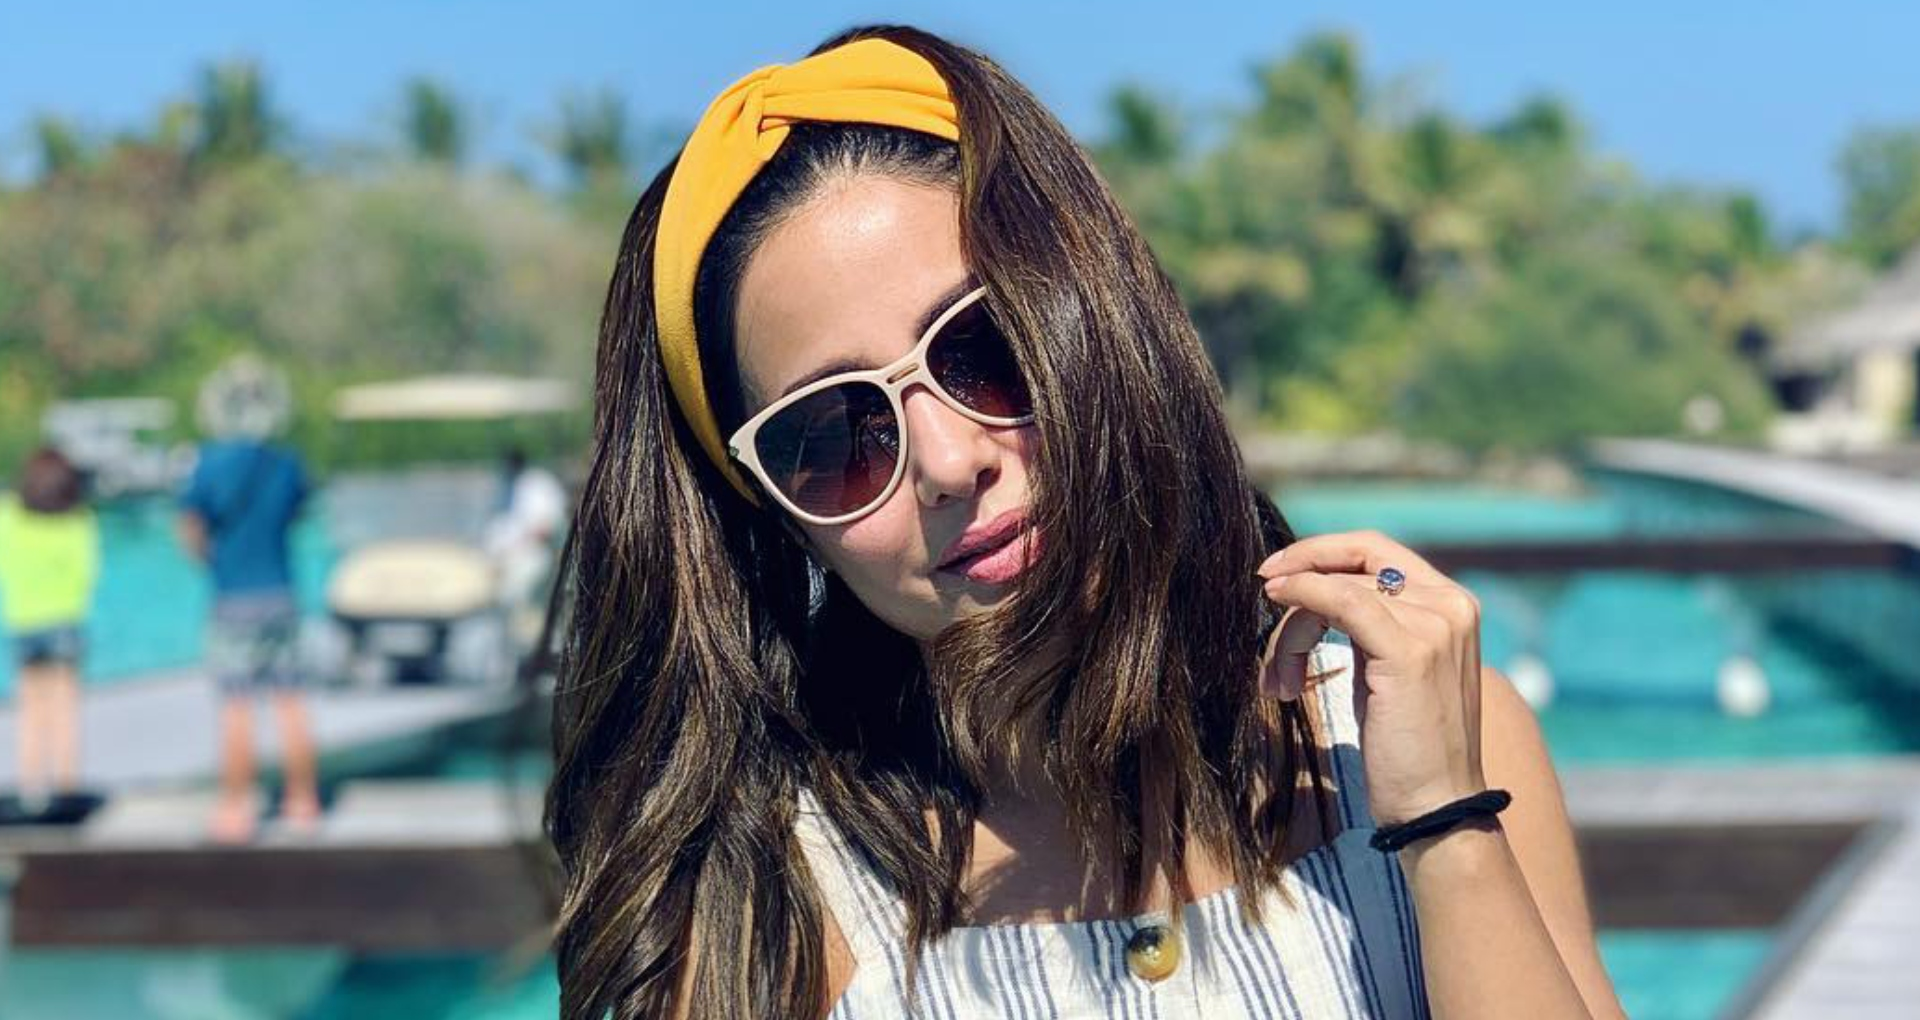 Cannes Film Festival 2019: हिना खान कान्स में इस दिन करेंगी शिरकत, कुछ इस तरह कर रही हैं तैयारियां